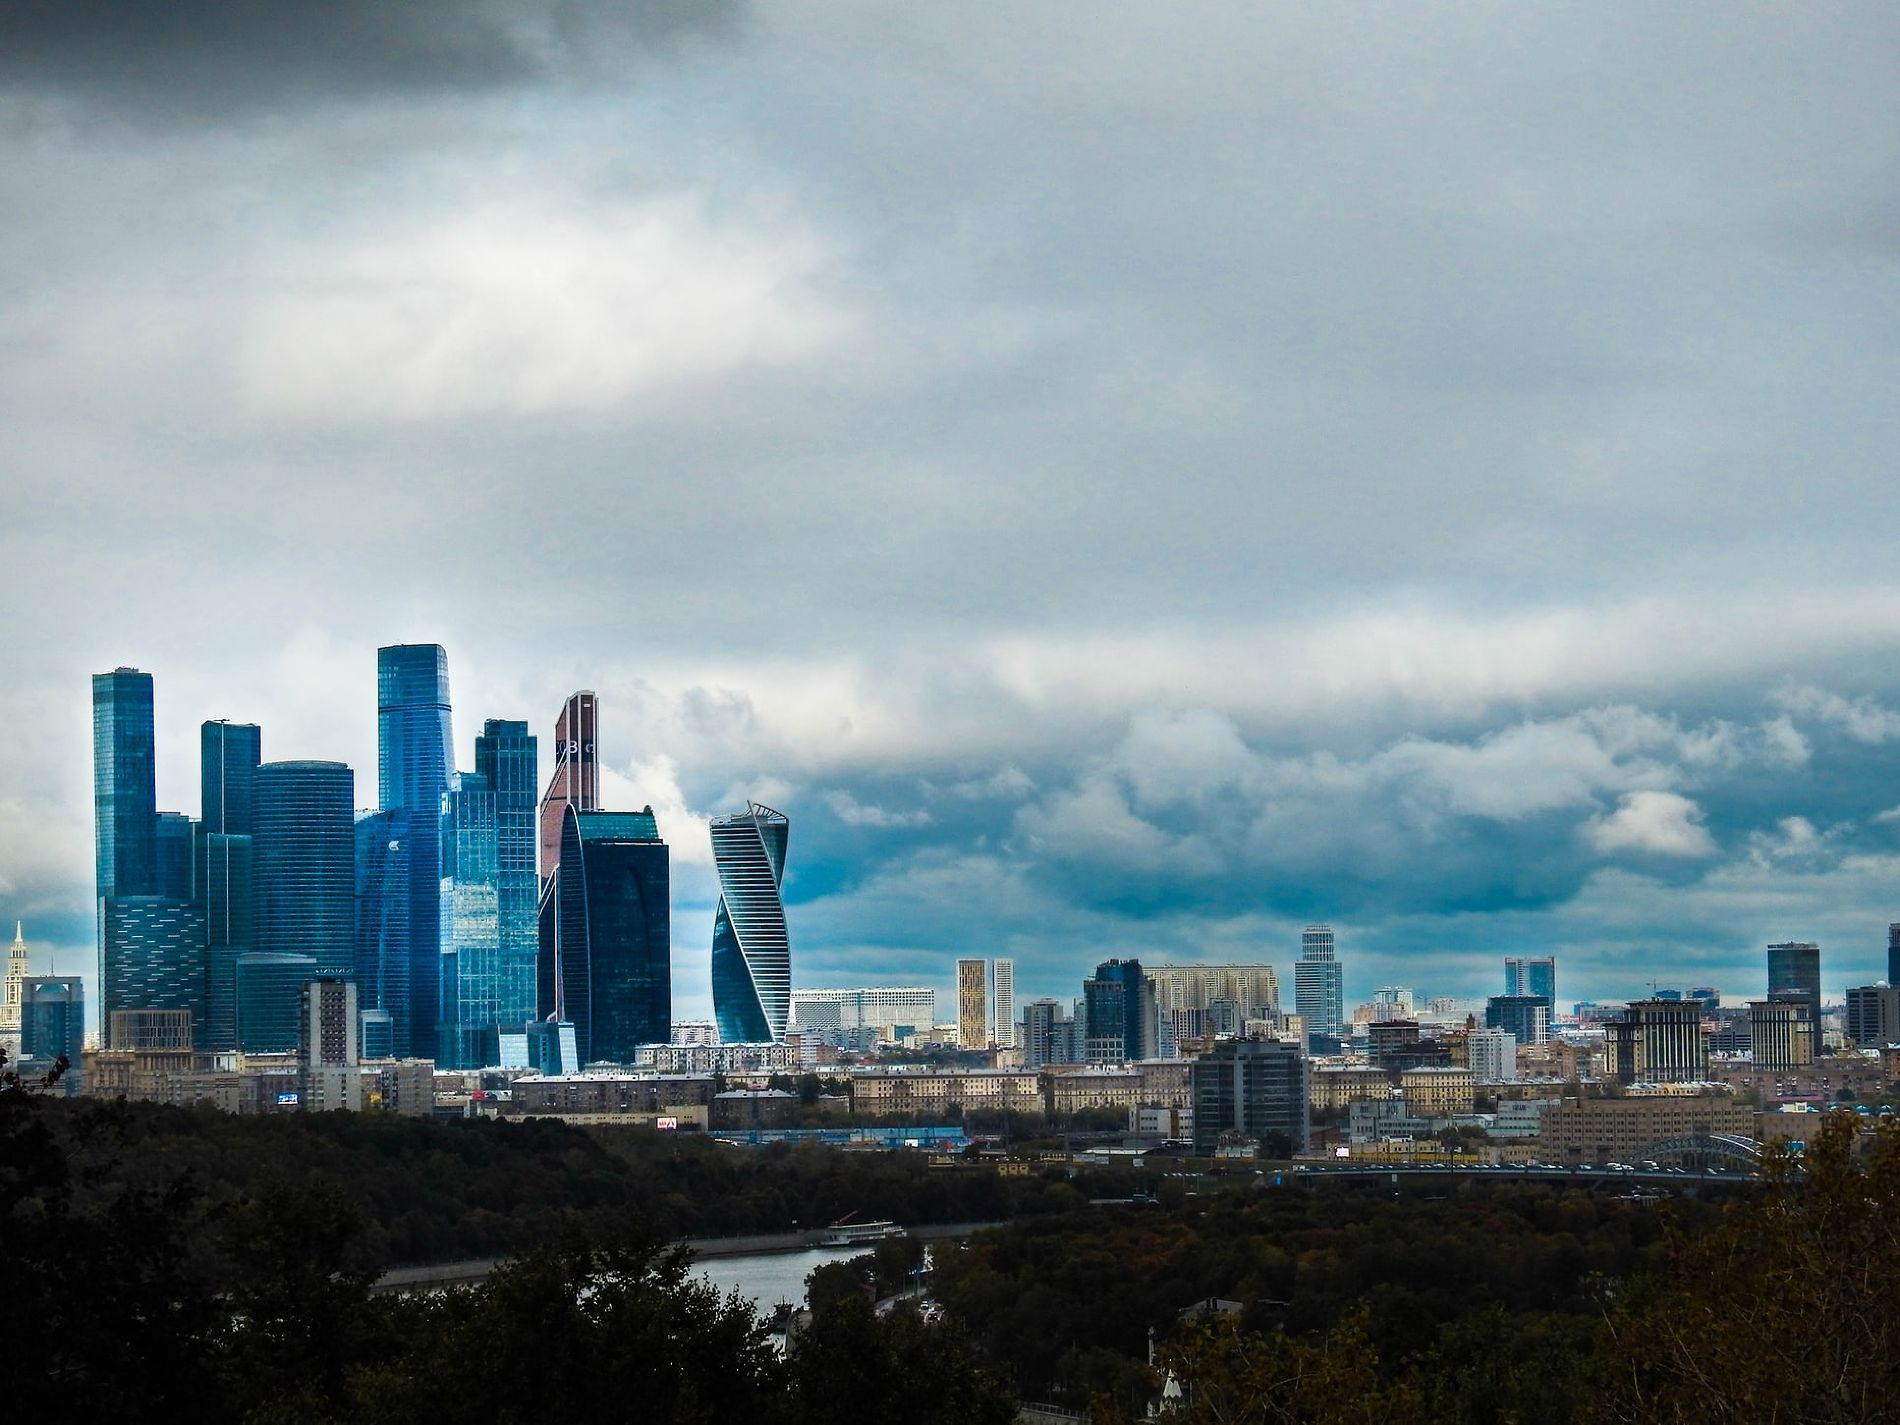 Москва © Фото Haseesh Rahithya, unsplash.com